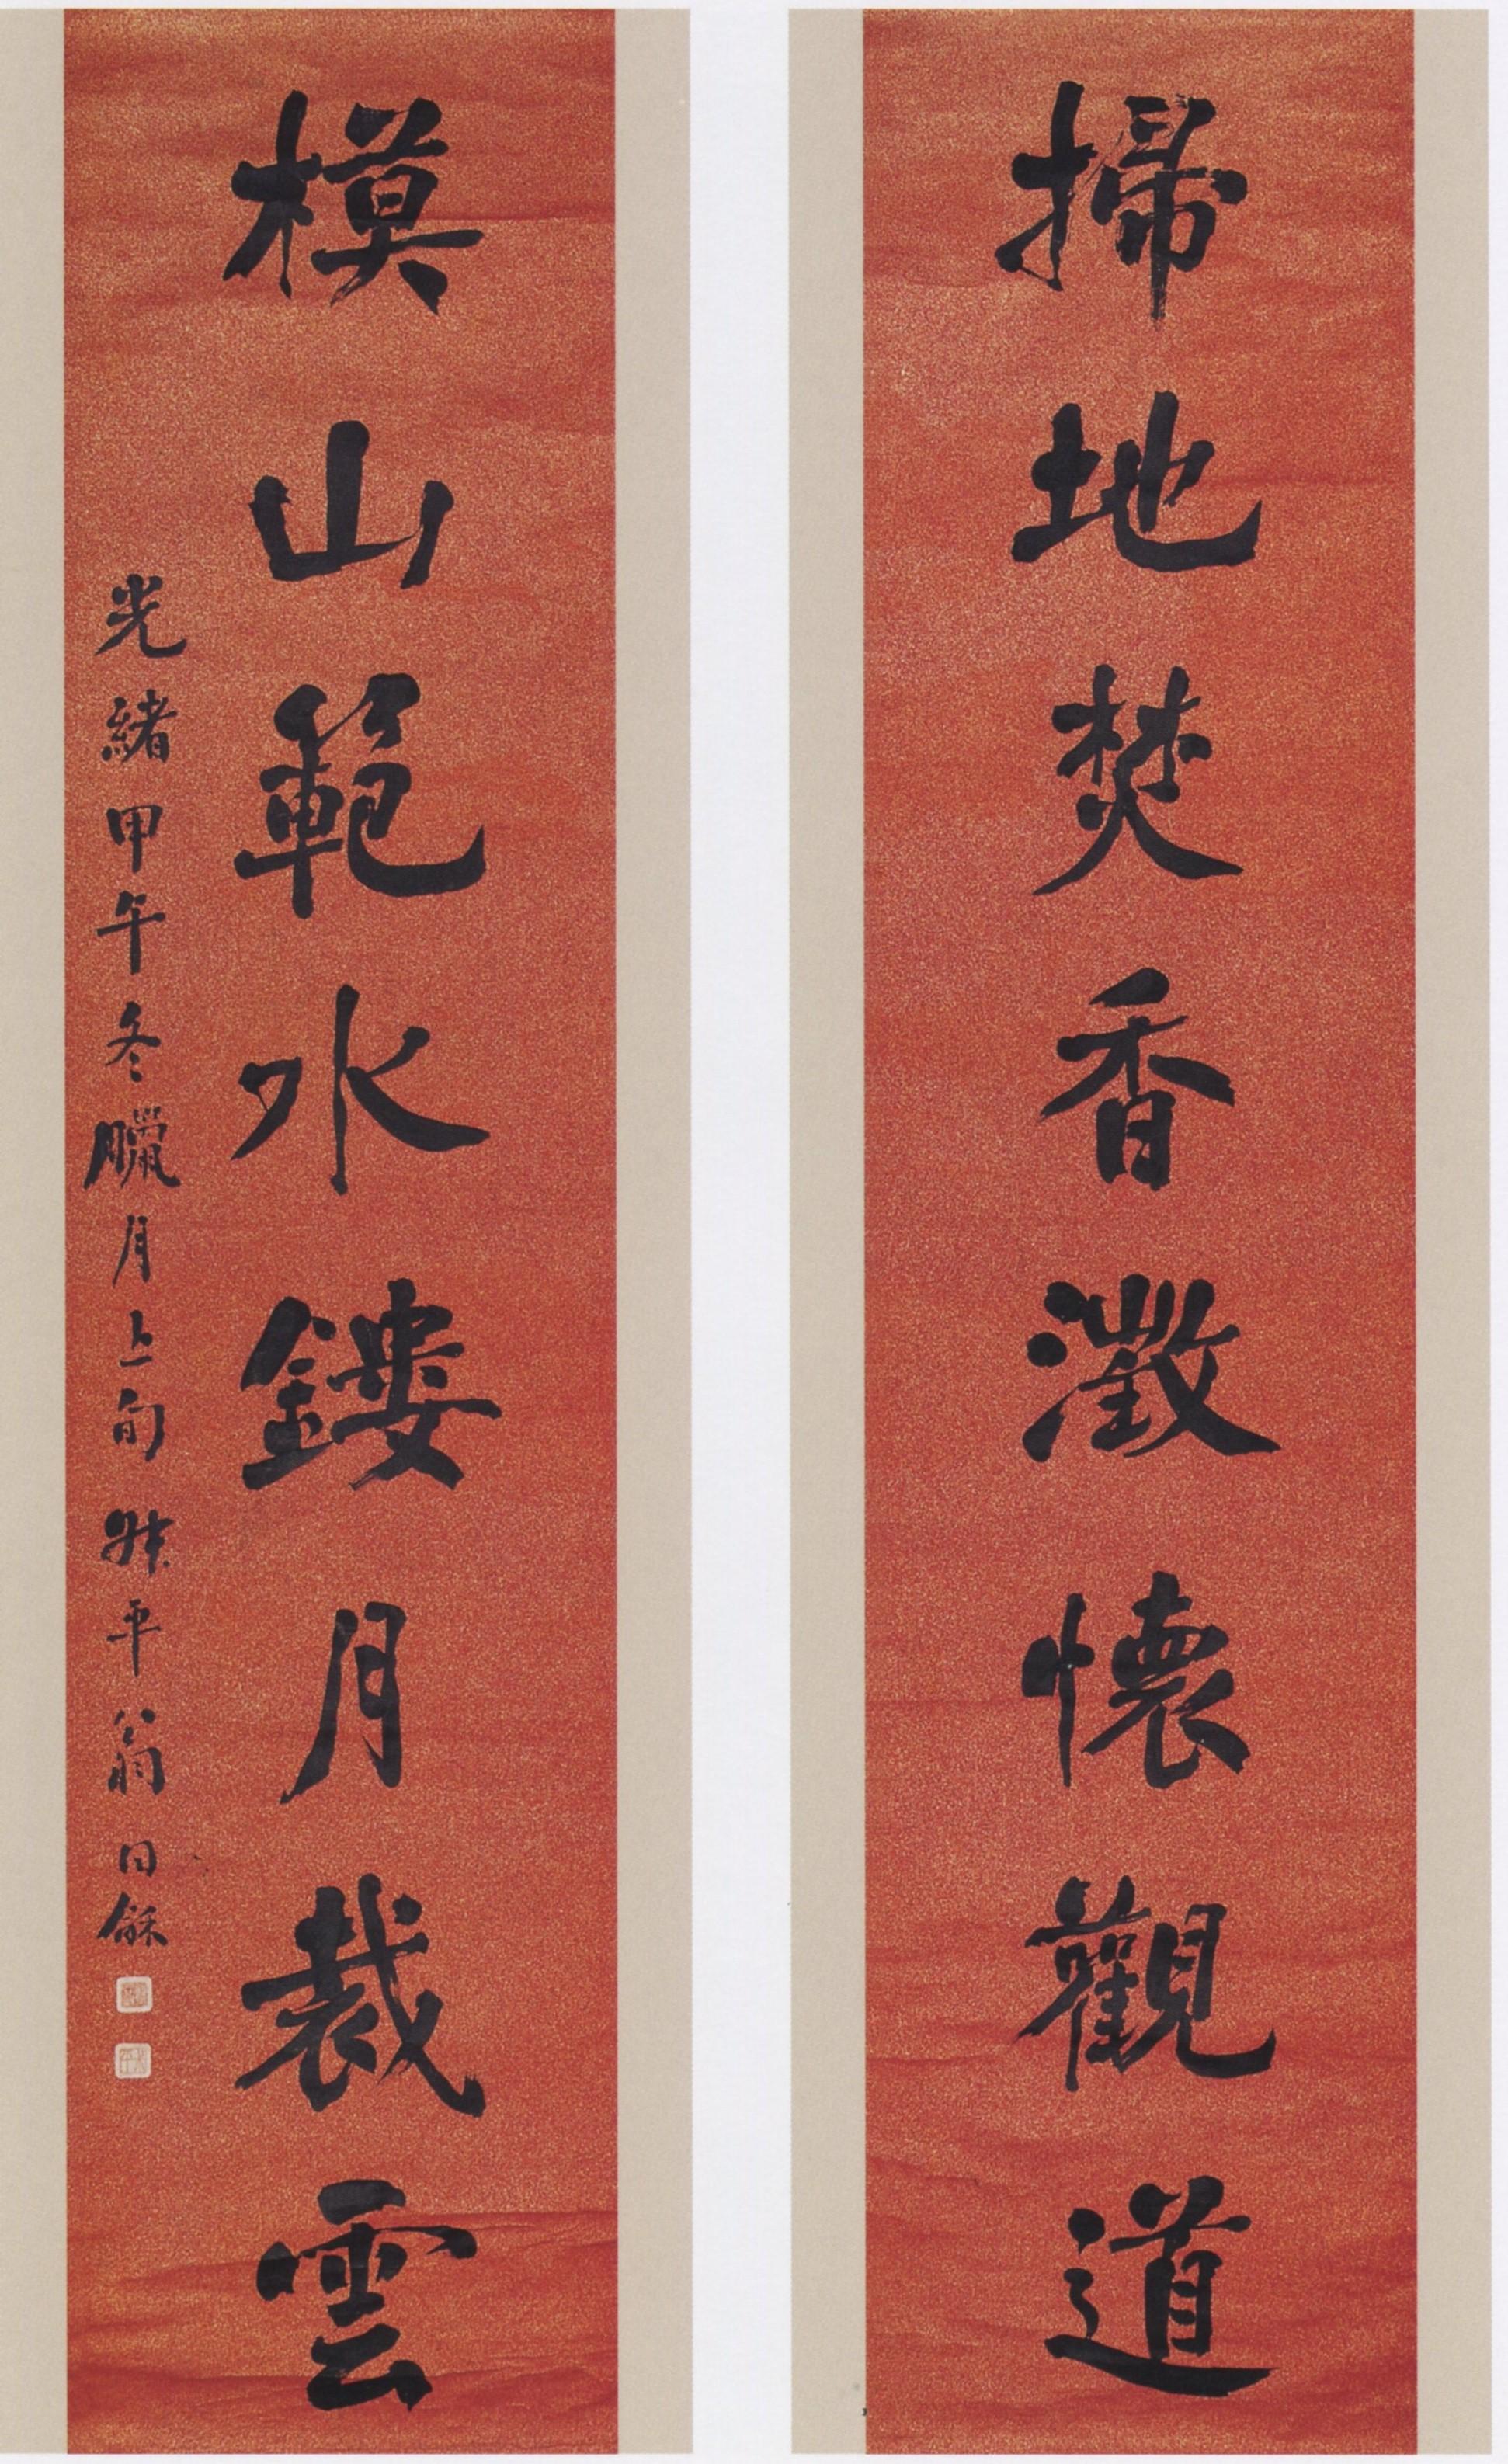 翁同龢《行书扫地模山八言联》苏州博物馆藏